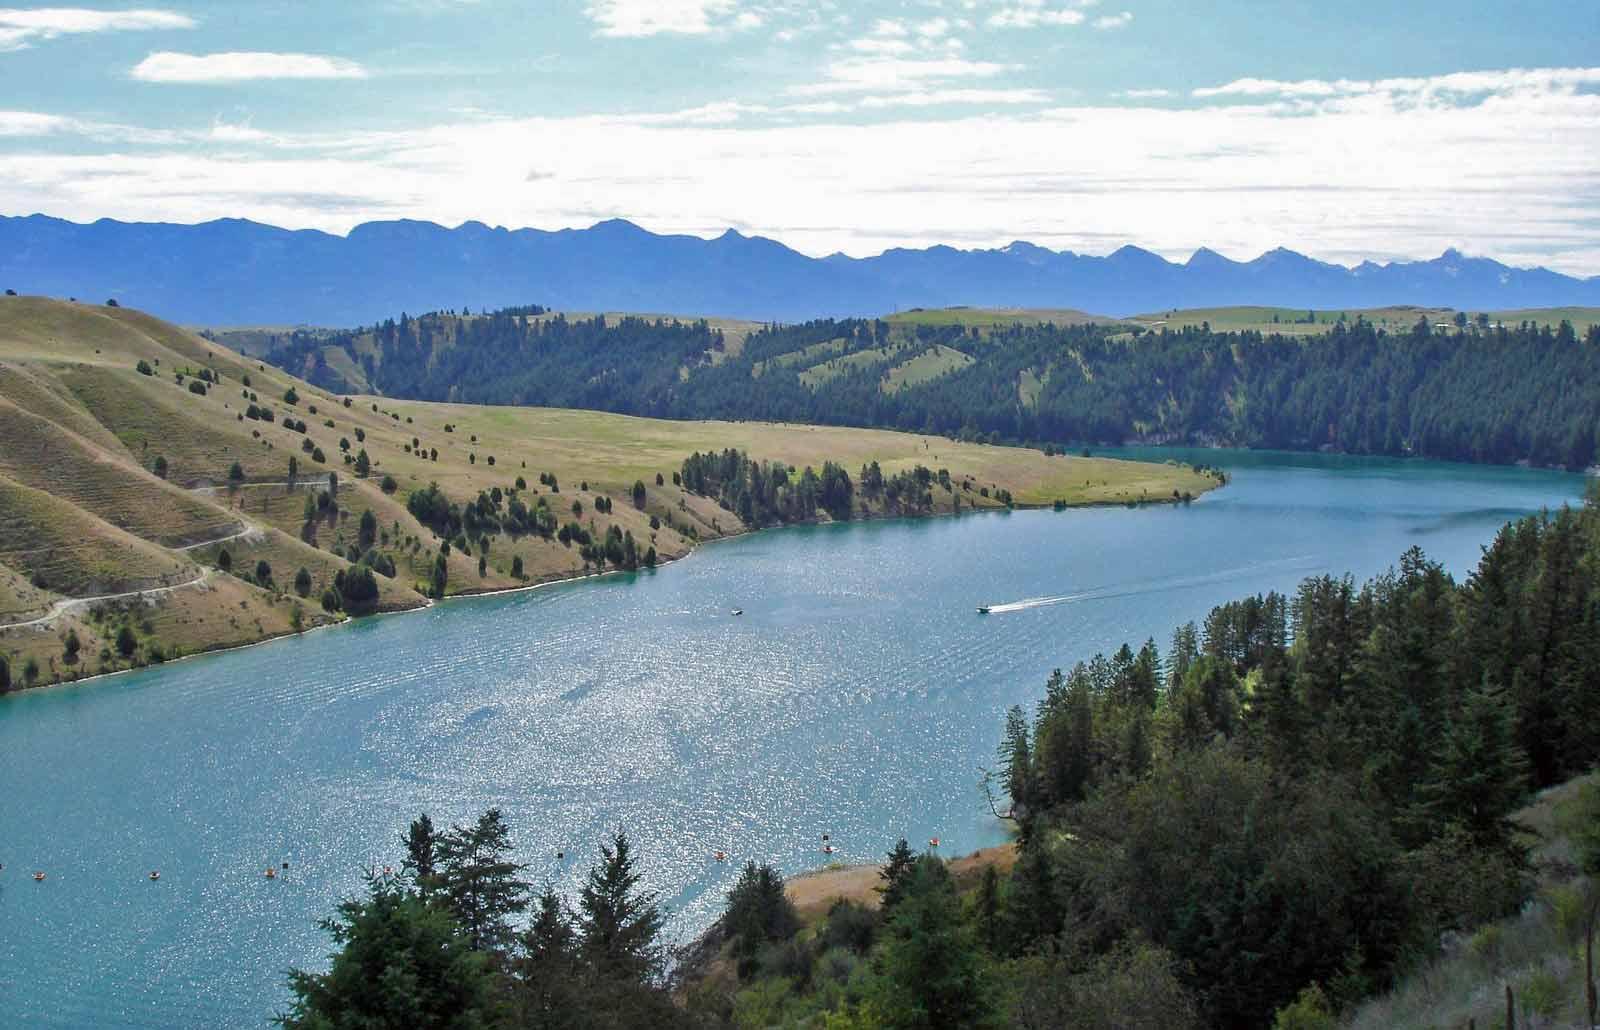 Kerr Dam in Montana bei einer Motorradtour durch die Rocky Mountains